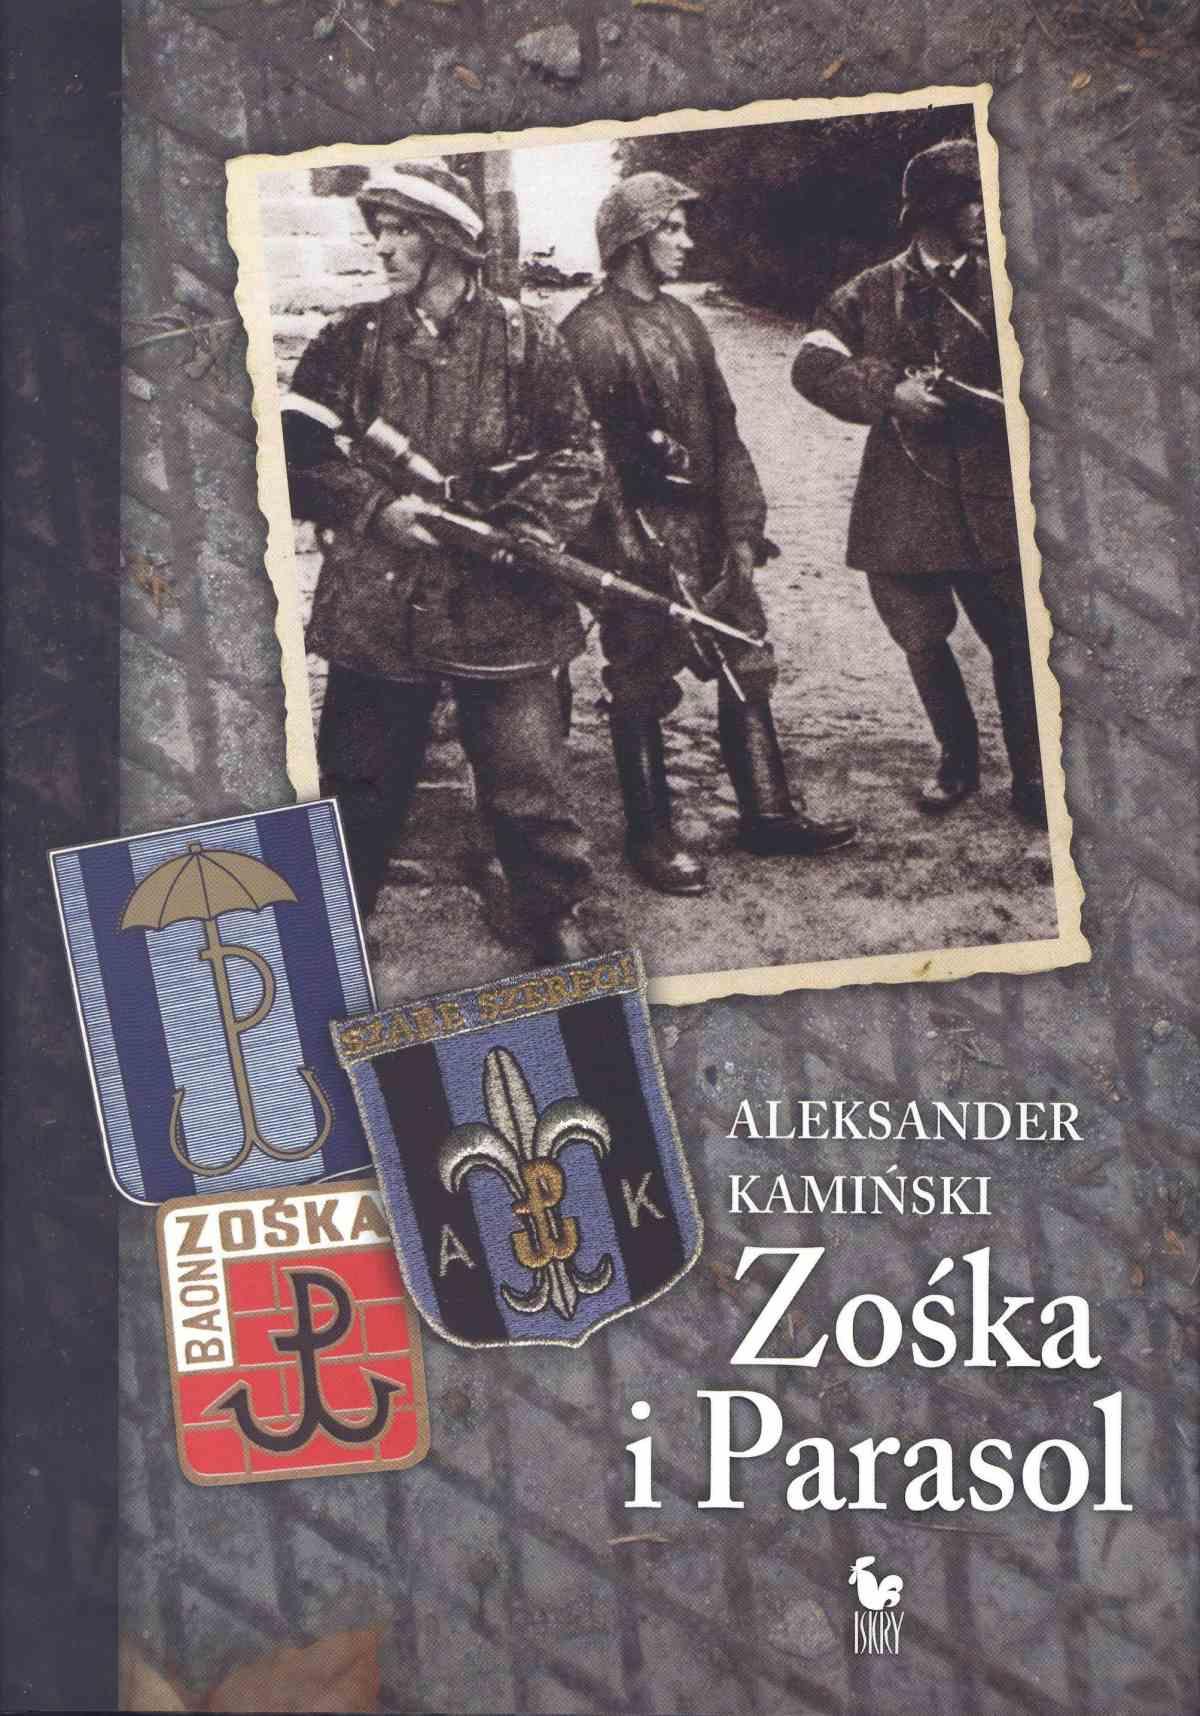 Zośka i Parasol. Opowieść o niektórych ludziach i niektórych akcjach dwóch batalionów harcerskich - Ebook (Książka EPUB) do pobrania w formacie EPUB